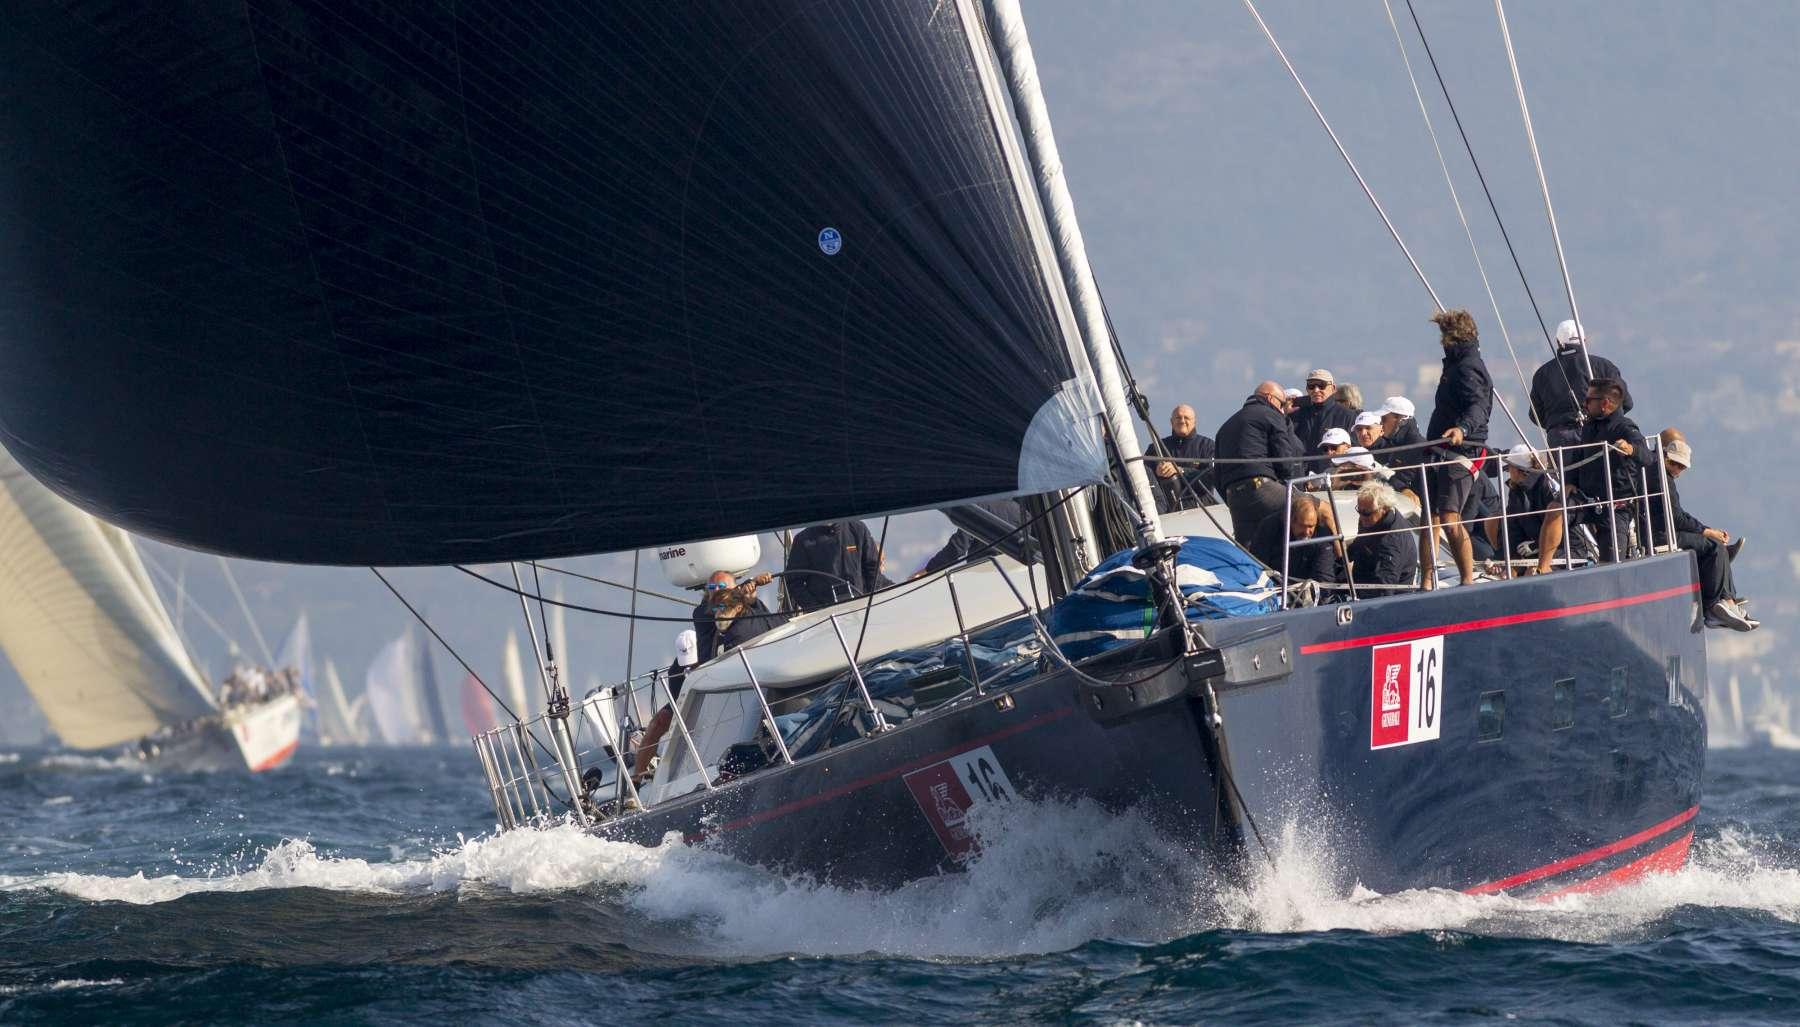 Eccellente prestazione di Viriella alla Barcolana - NEWS - Yacht Club Costa Smeralda